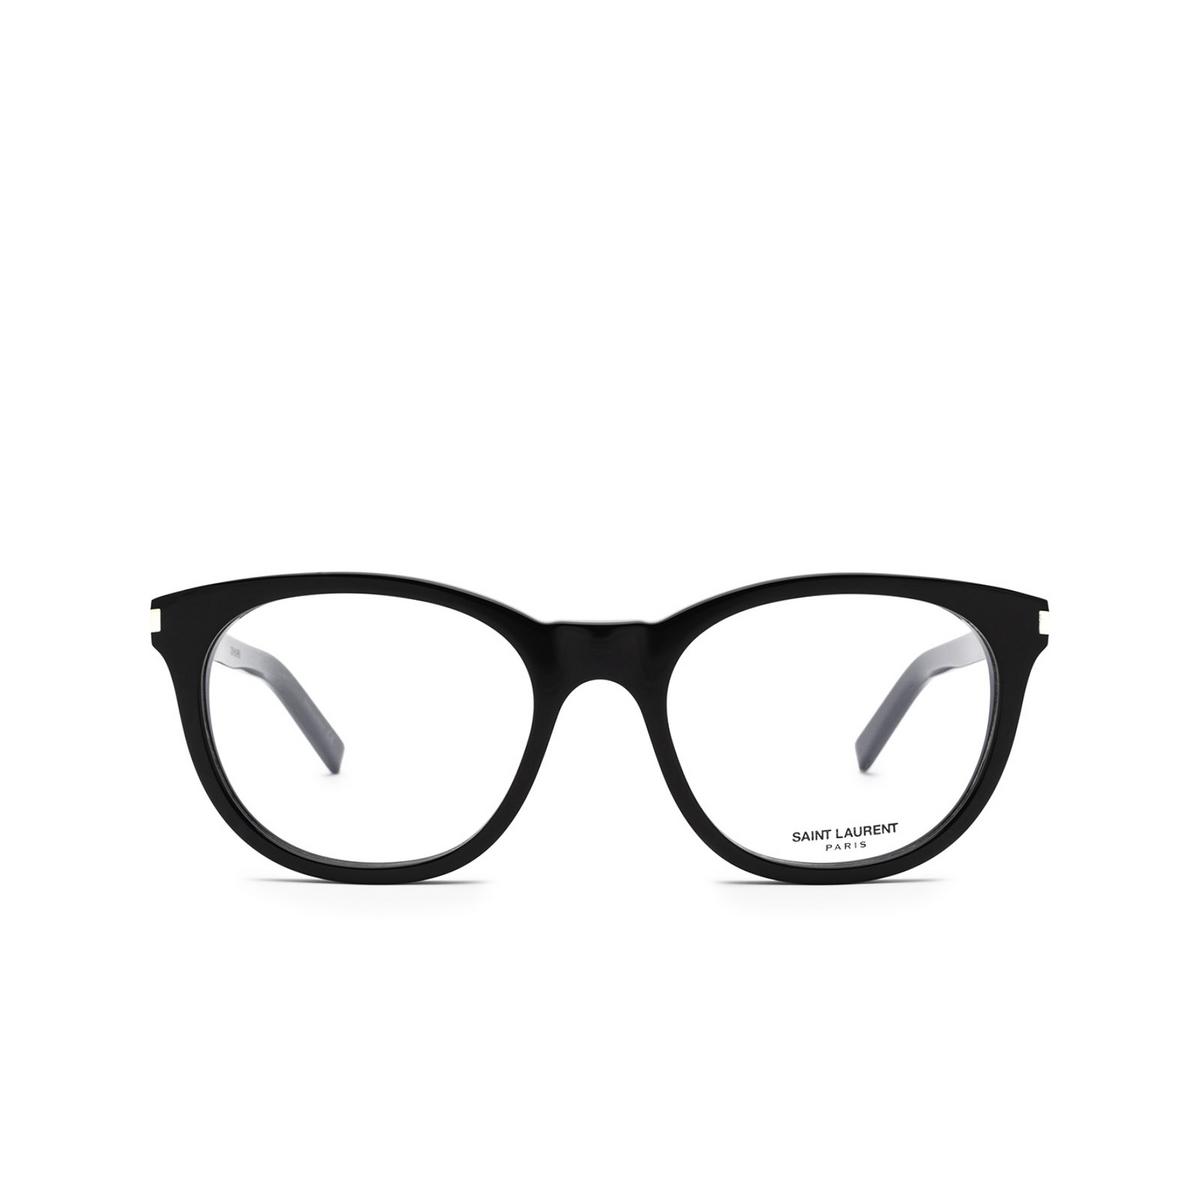 Saint Laurent® Square Eyeglasses: SL 471 color Black 001 - front view.